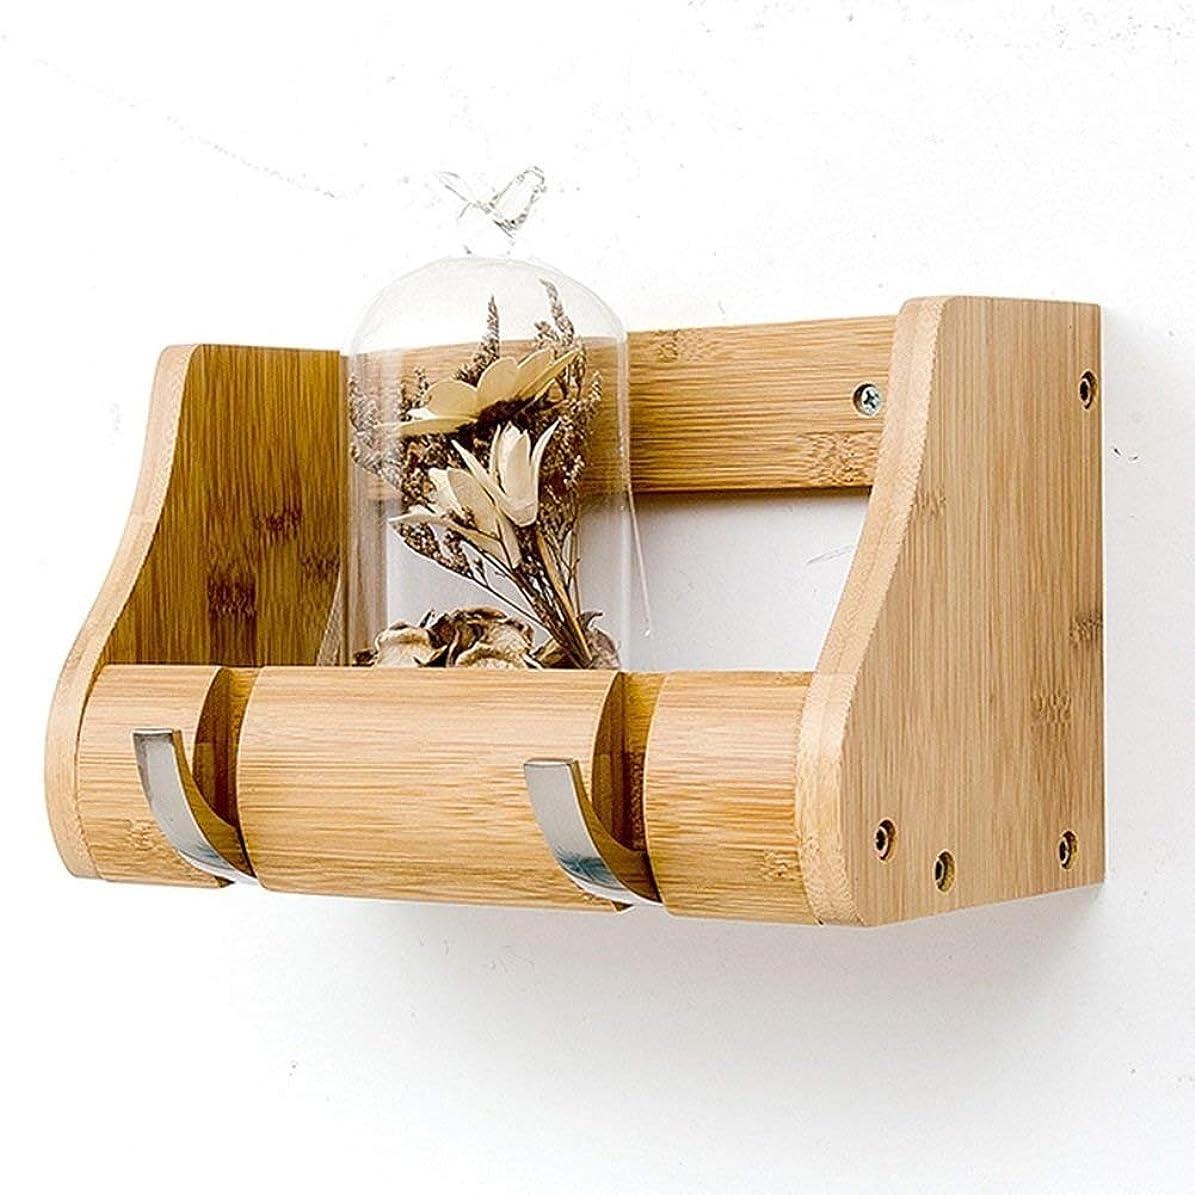 悲観的本土鋼コートラック服はフックビーム明るい色の竹をハンギング収納キャビネット折りたたみメタルラック (Color : Wood Color, Size : 25.2*13.5*14.5cm)